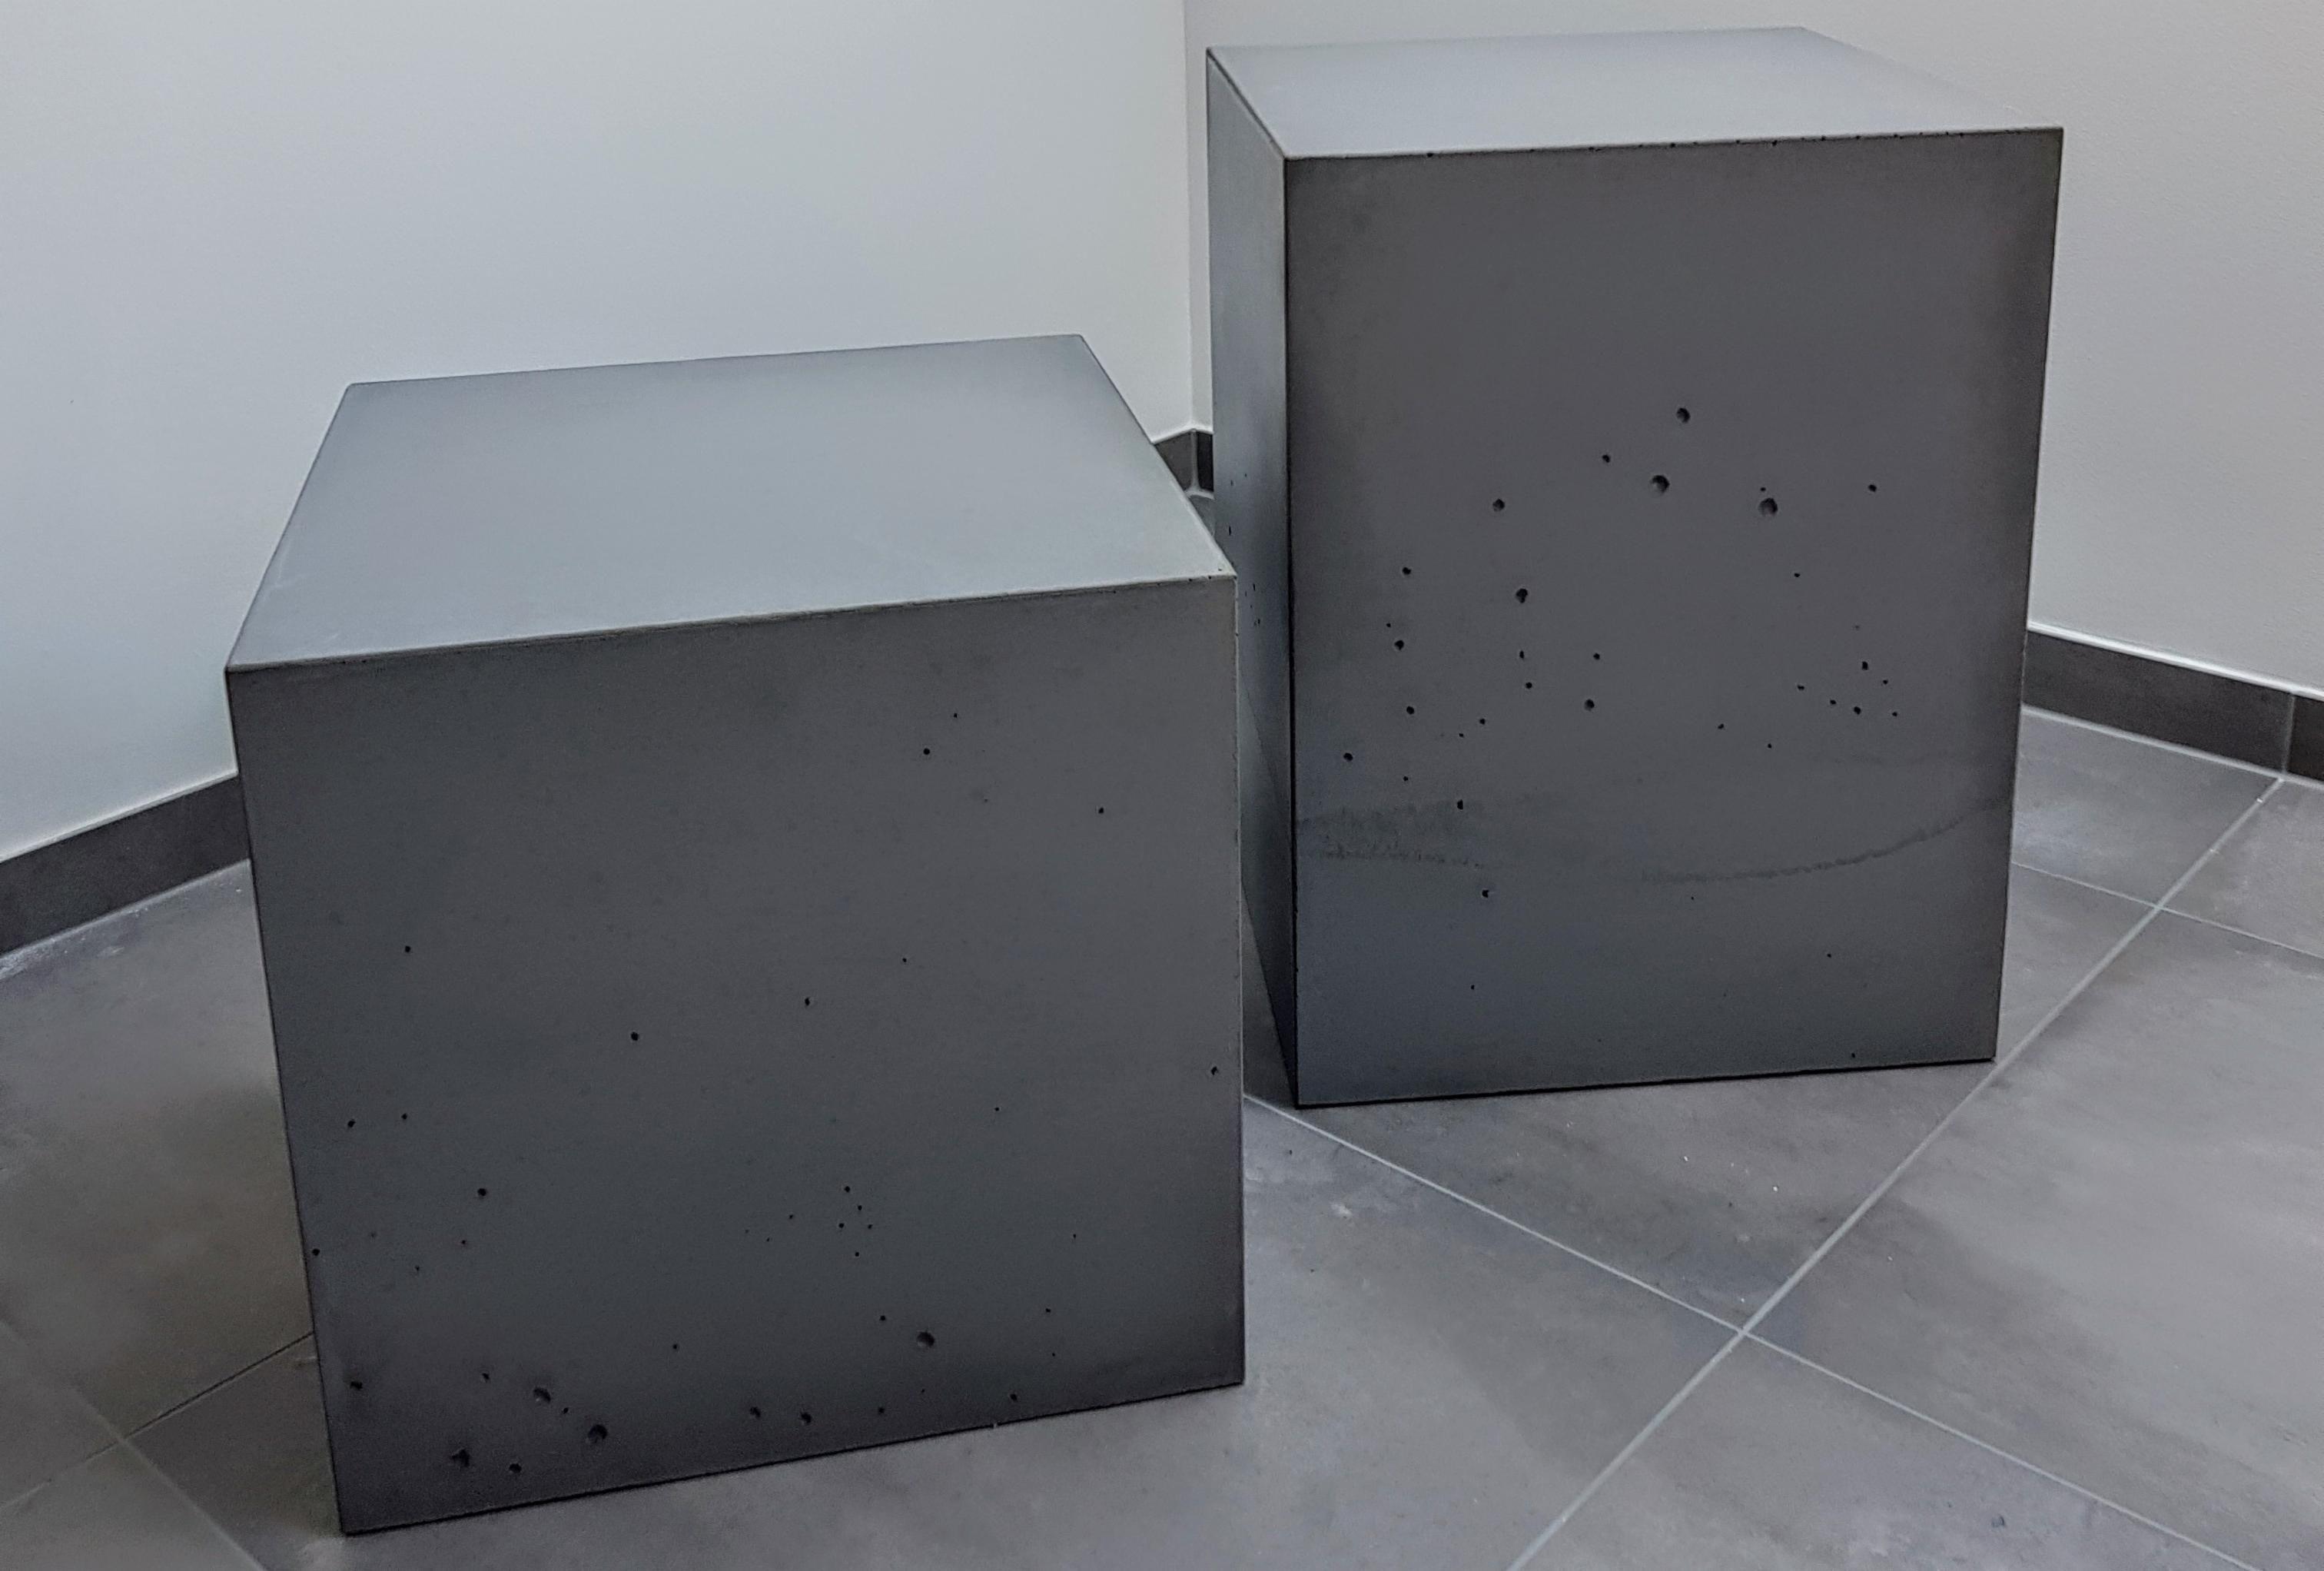 Einfach Cool Unser Beton Cube Passt Uberall Ob Als Deko Objekt